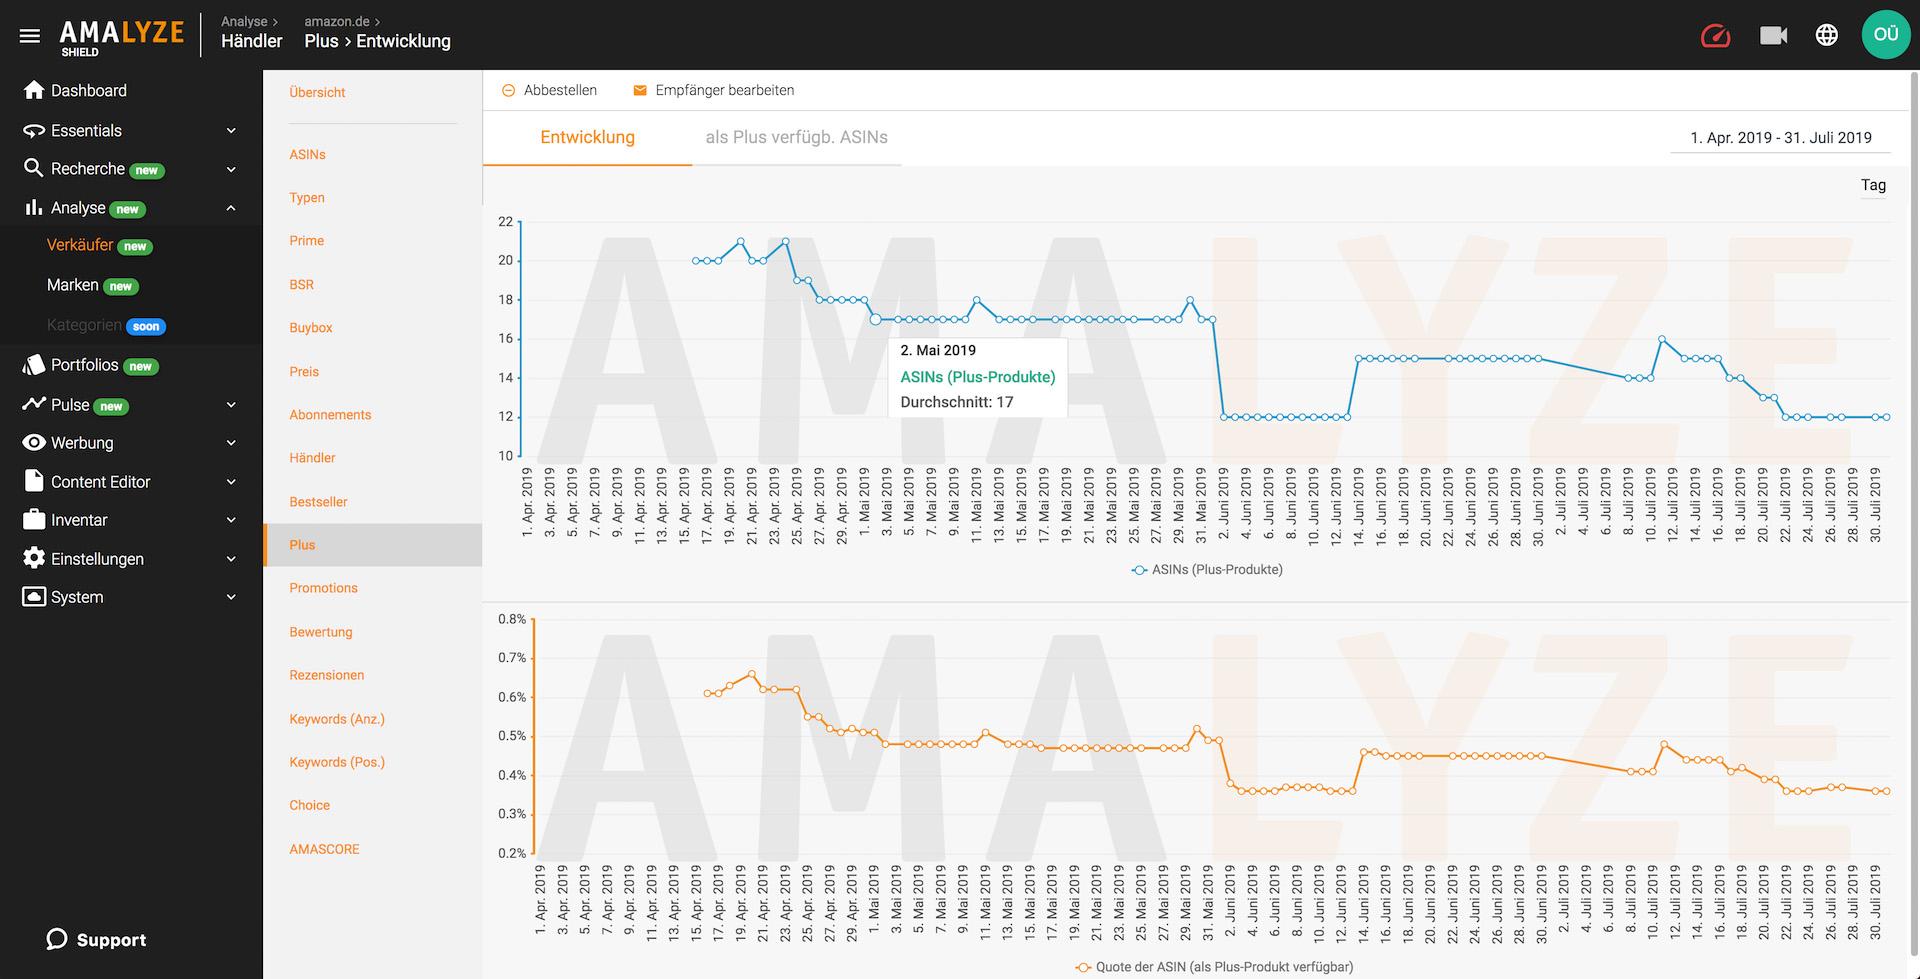 Amazon Seller Analyse_AMALYZE Shield_Entwicklung Plus Produkte im Zeitverlauf